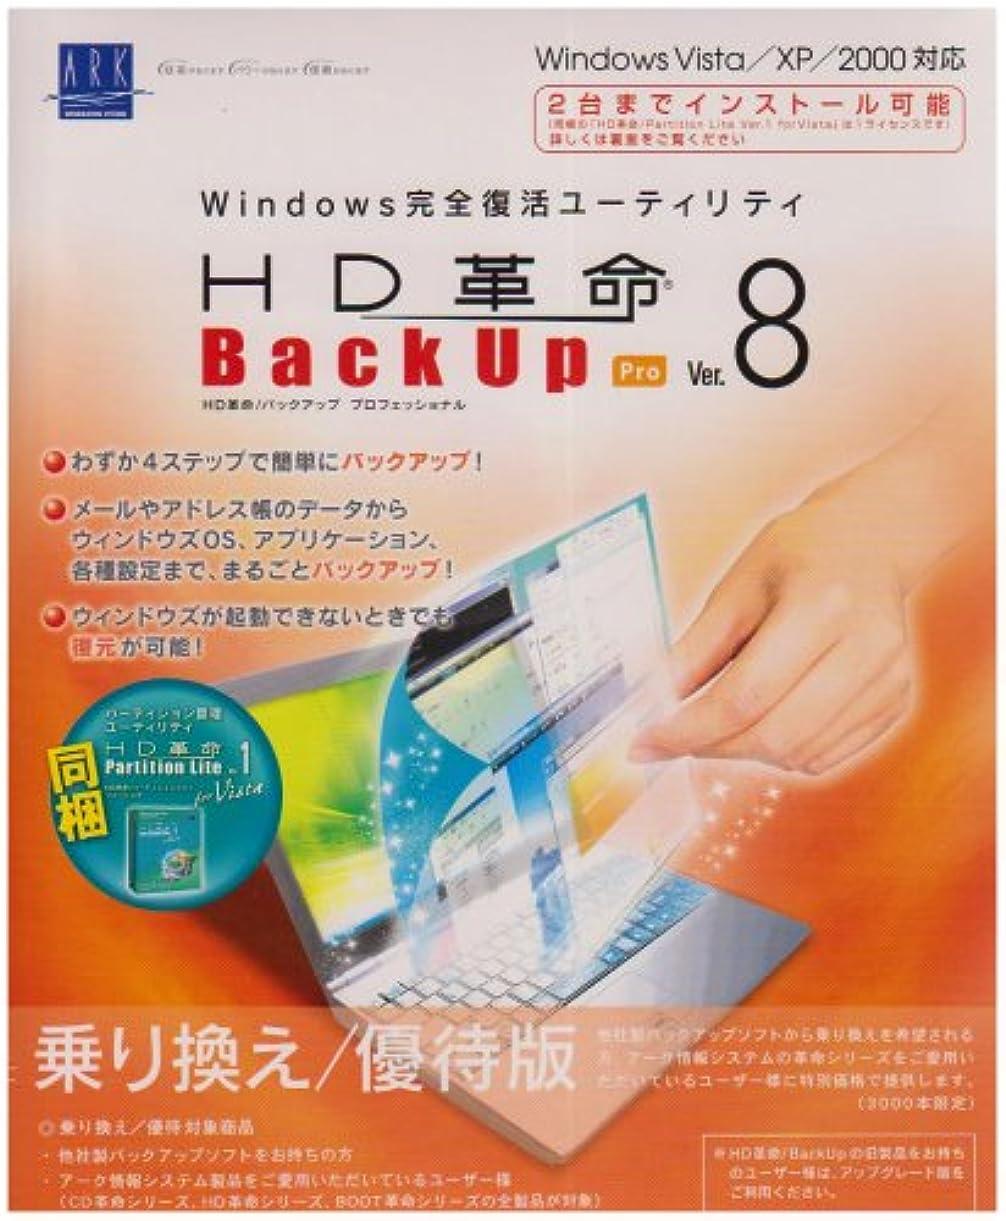 事前試み虫を数えるHD革命/BackUp Ver.8 Pro 乗り換え/優待版